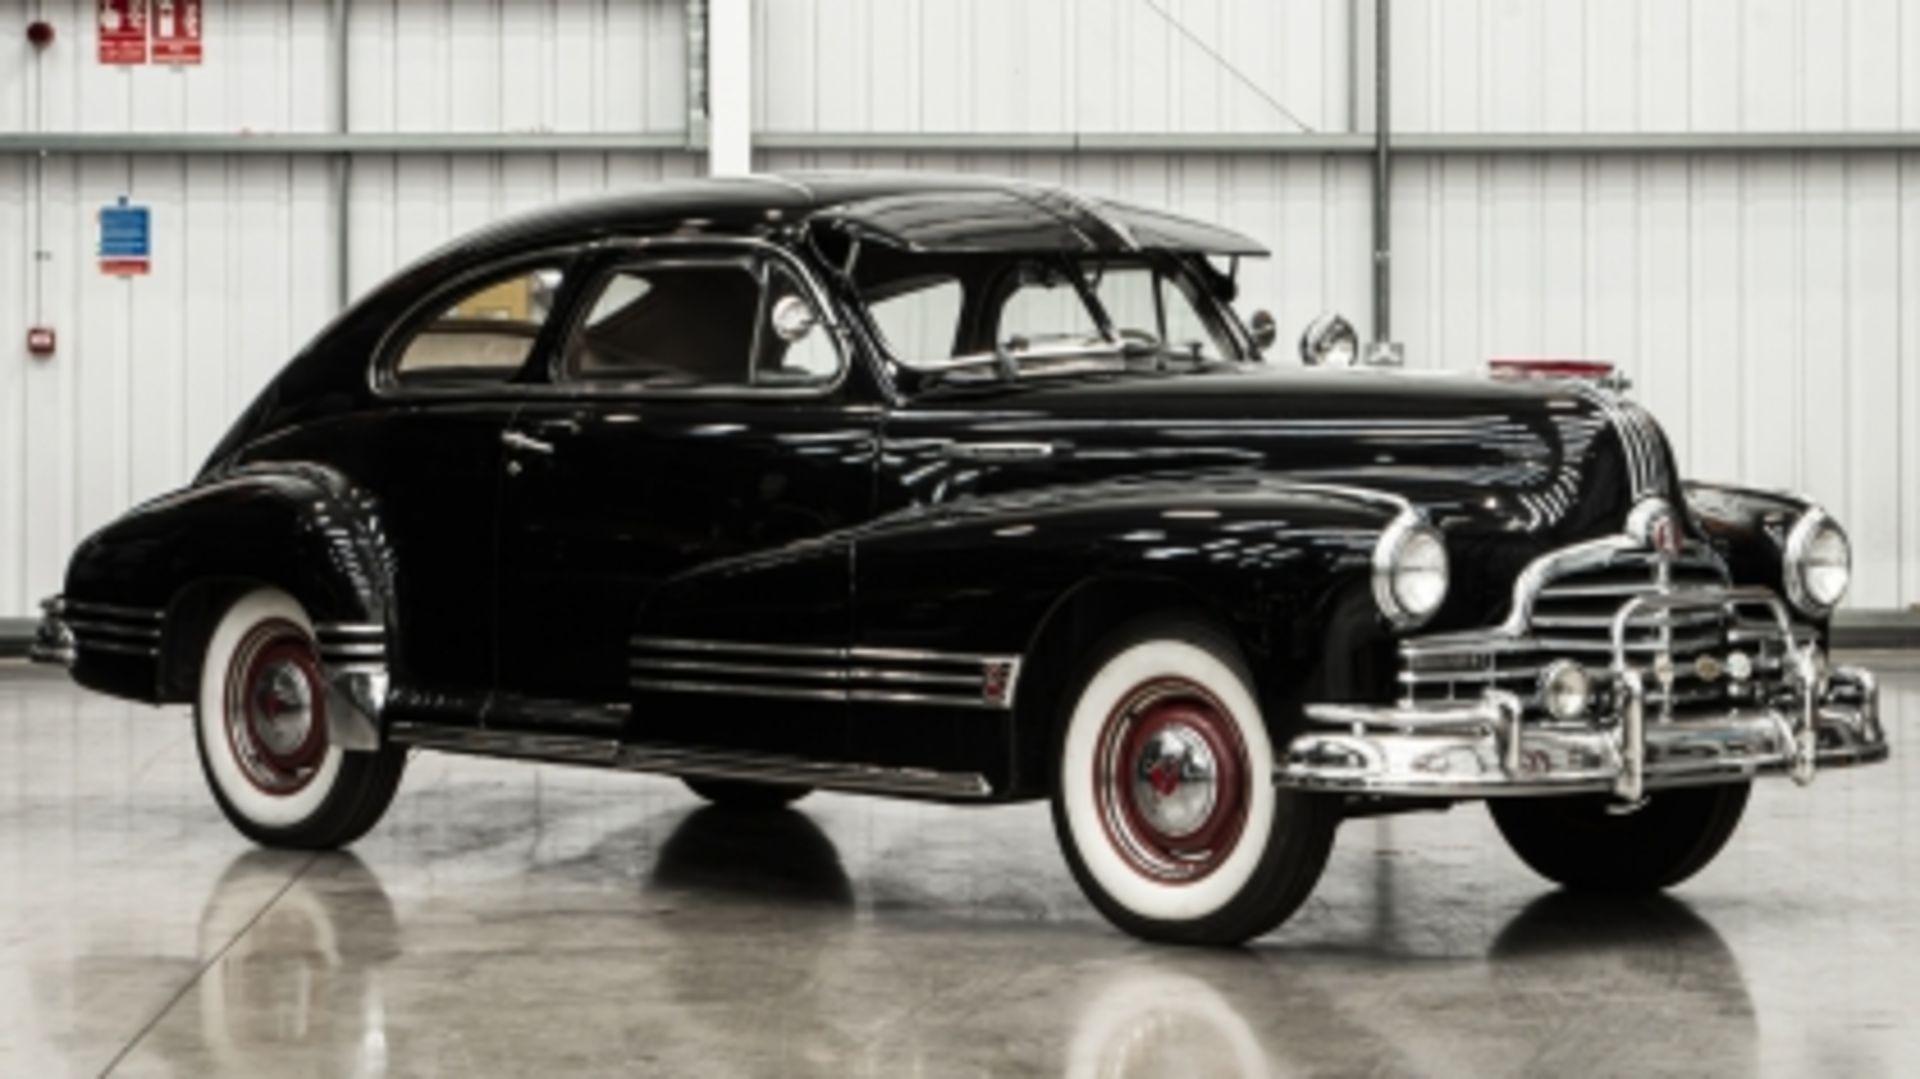 Lot 529 - 1946 Pontiac Streamliner 2-door Coupe